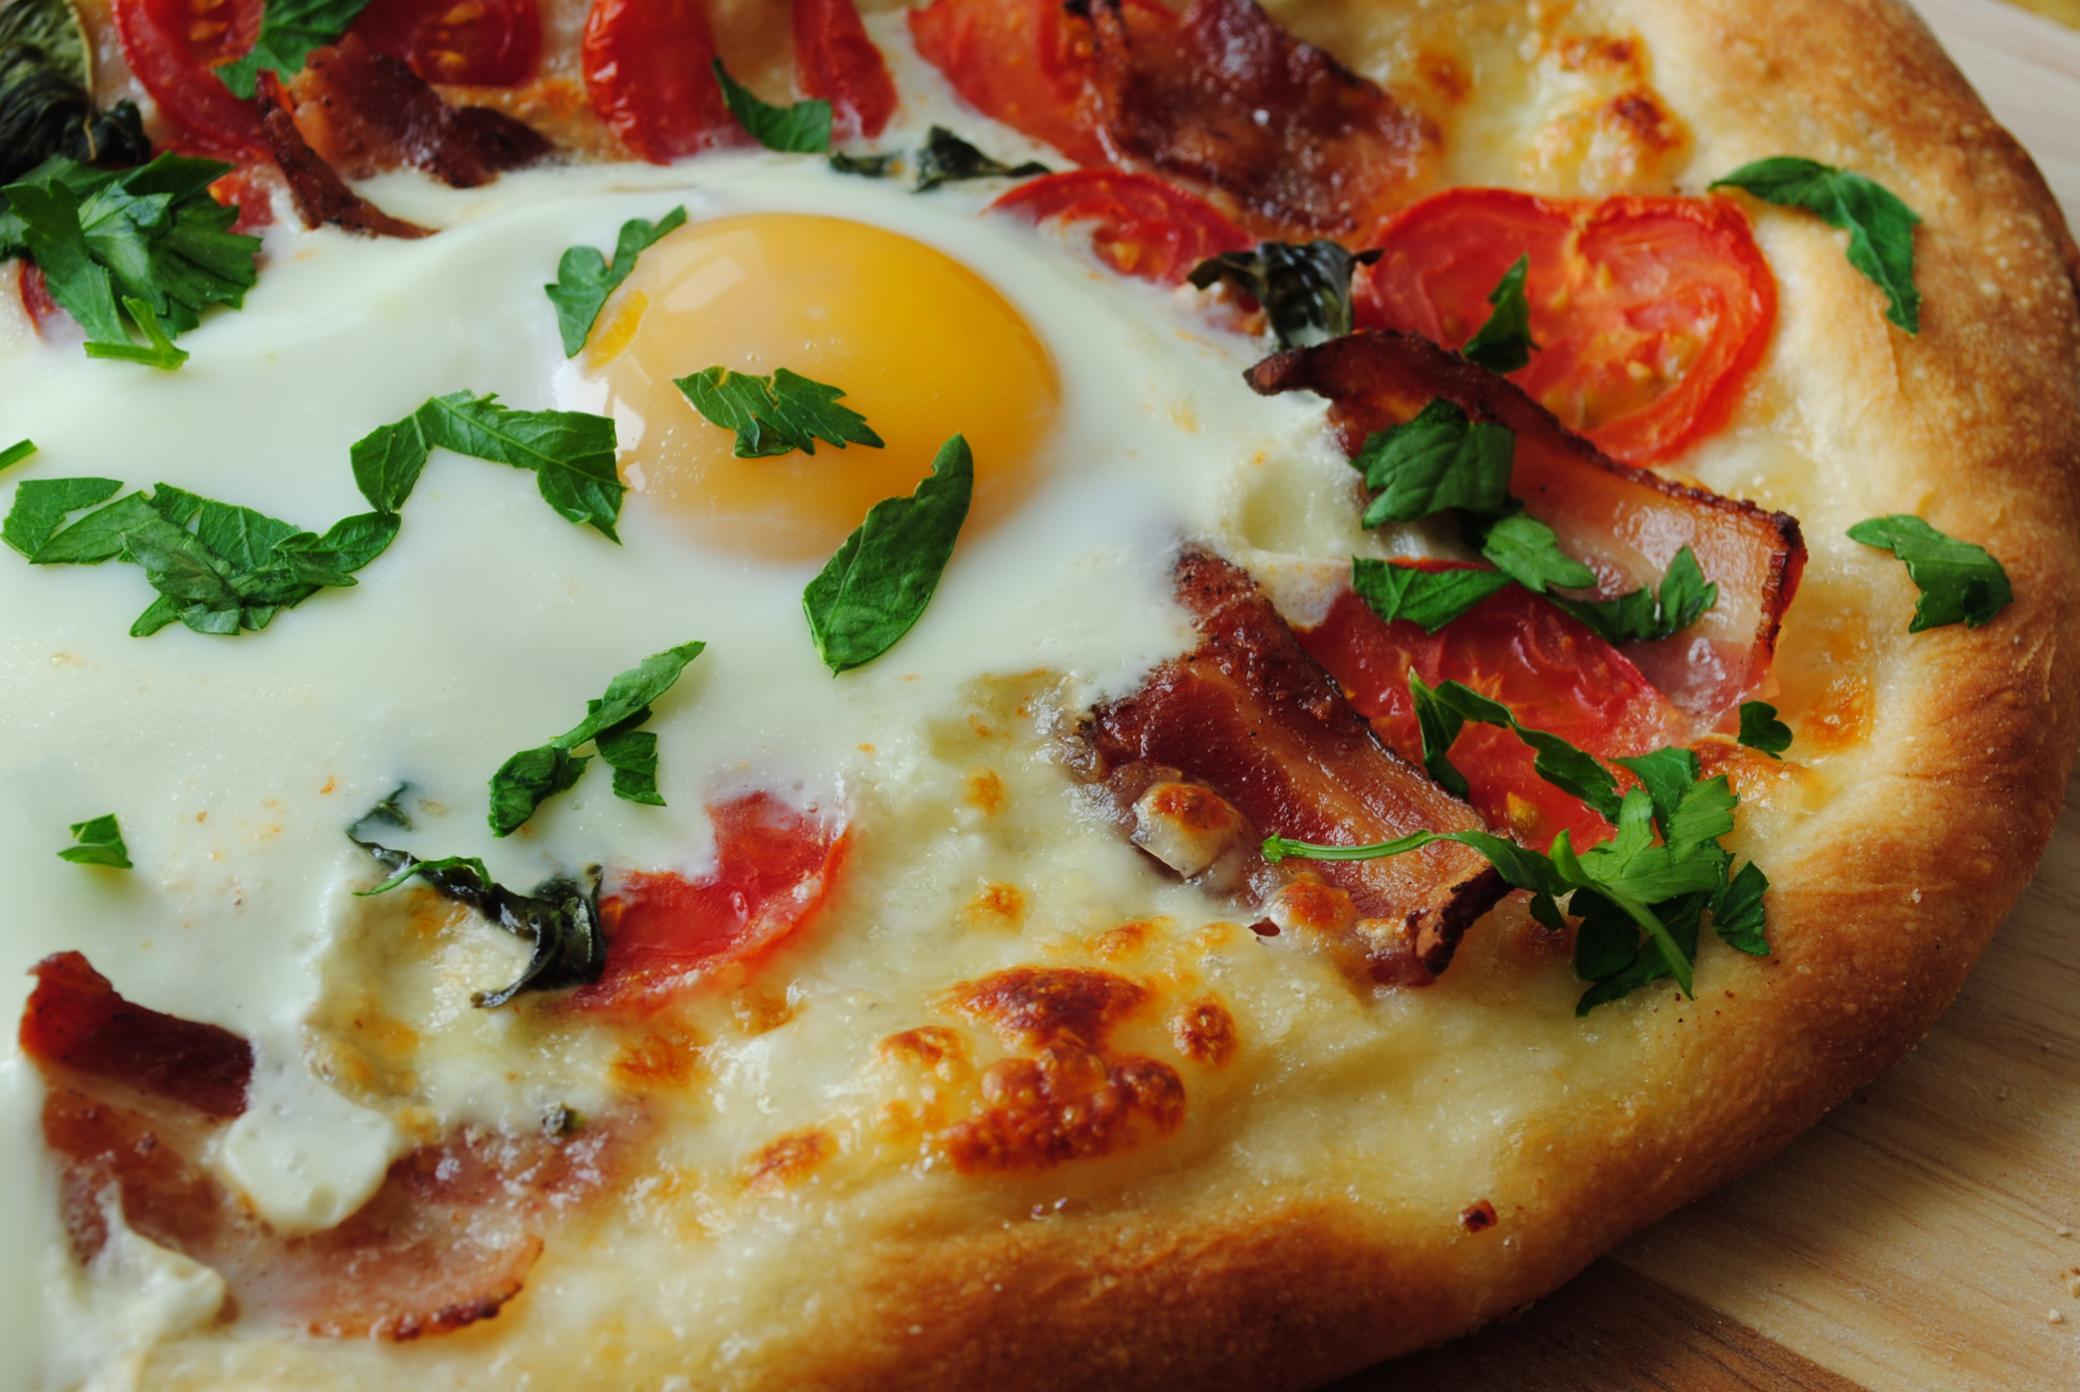 La dolce pizza livraison a domicile et au bureau Chambery Restauration rapide pizza livraison